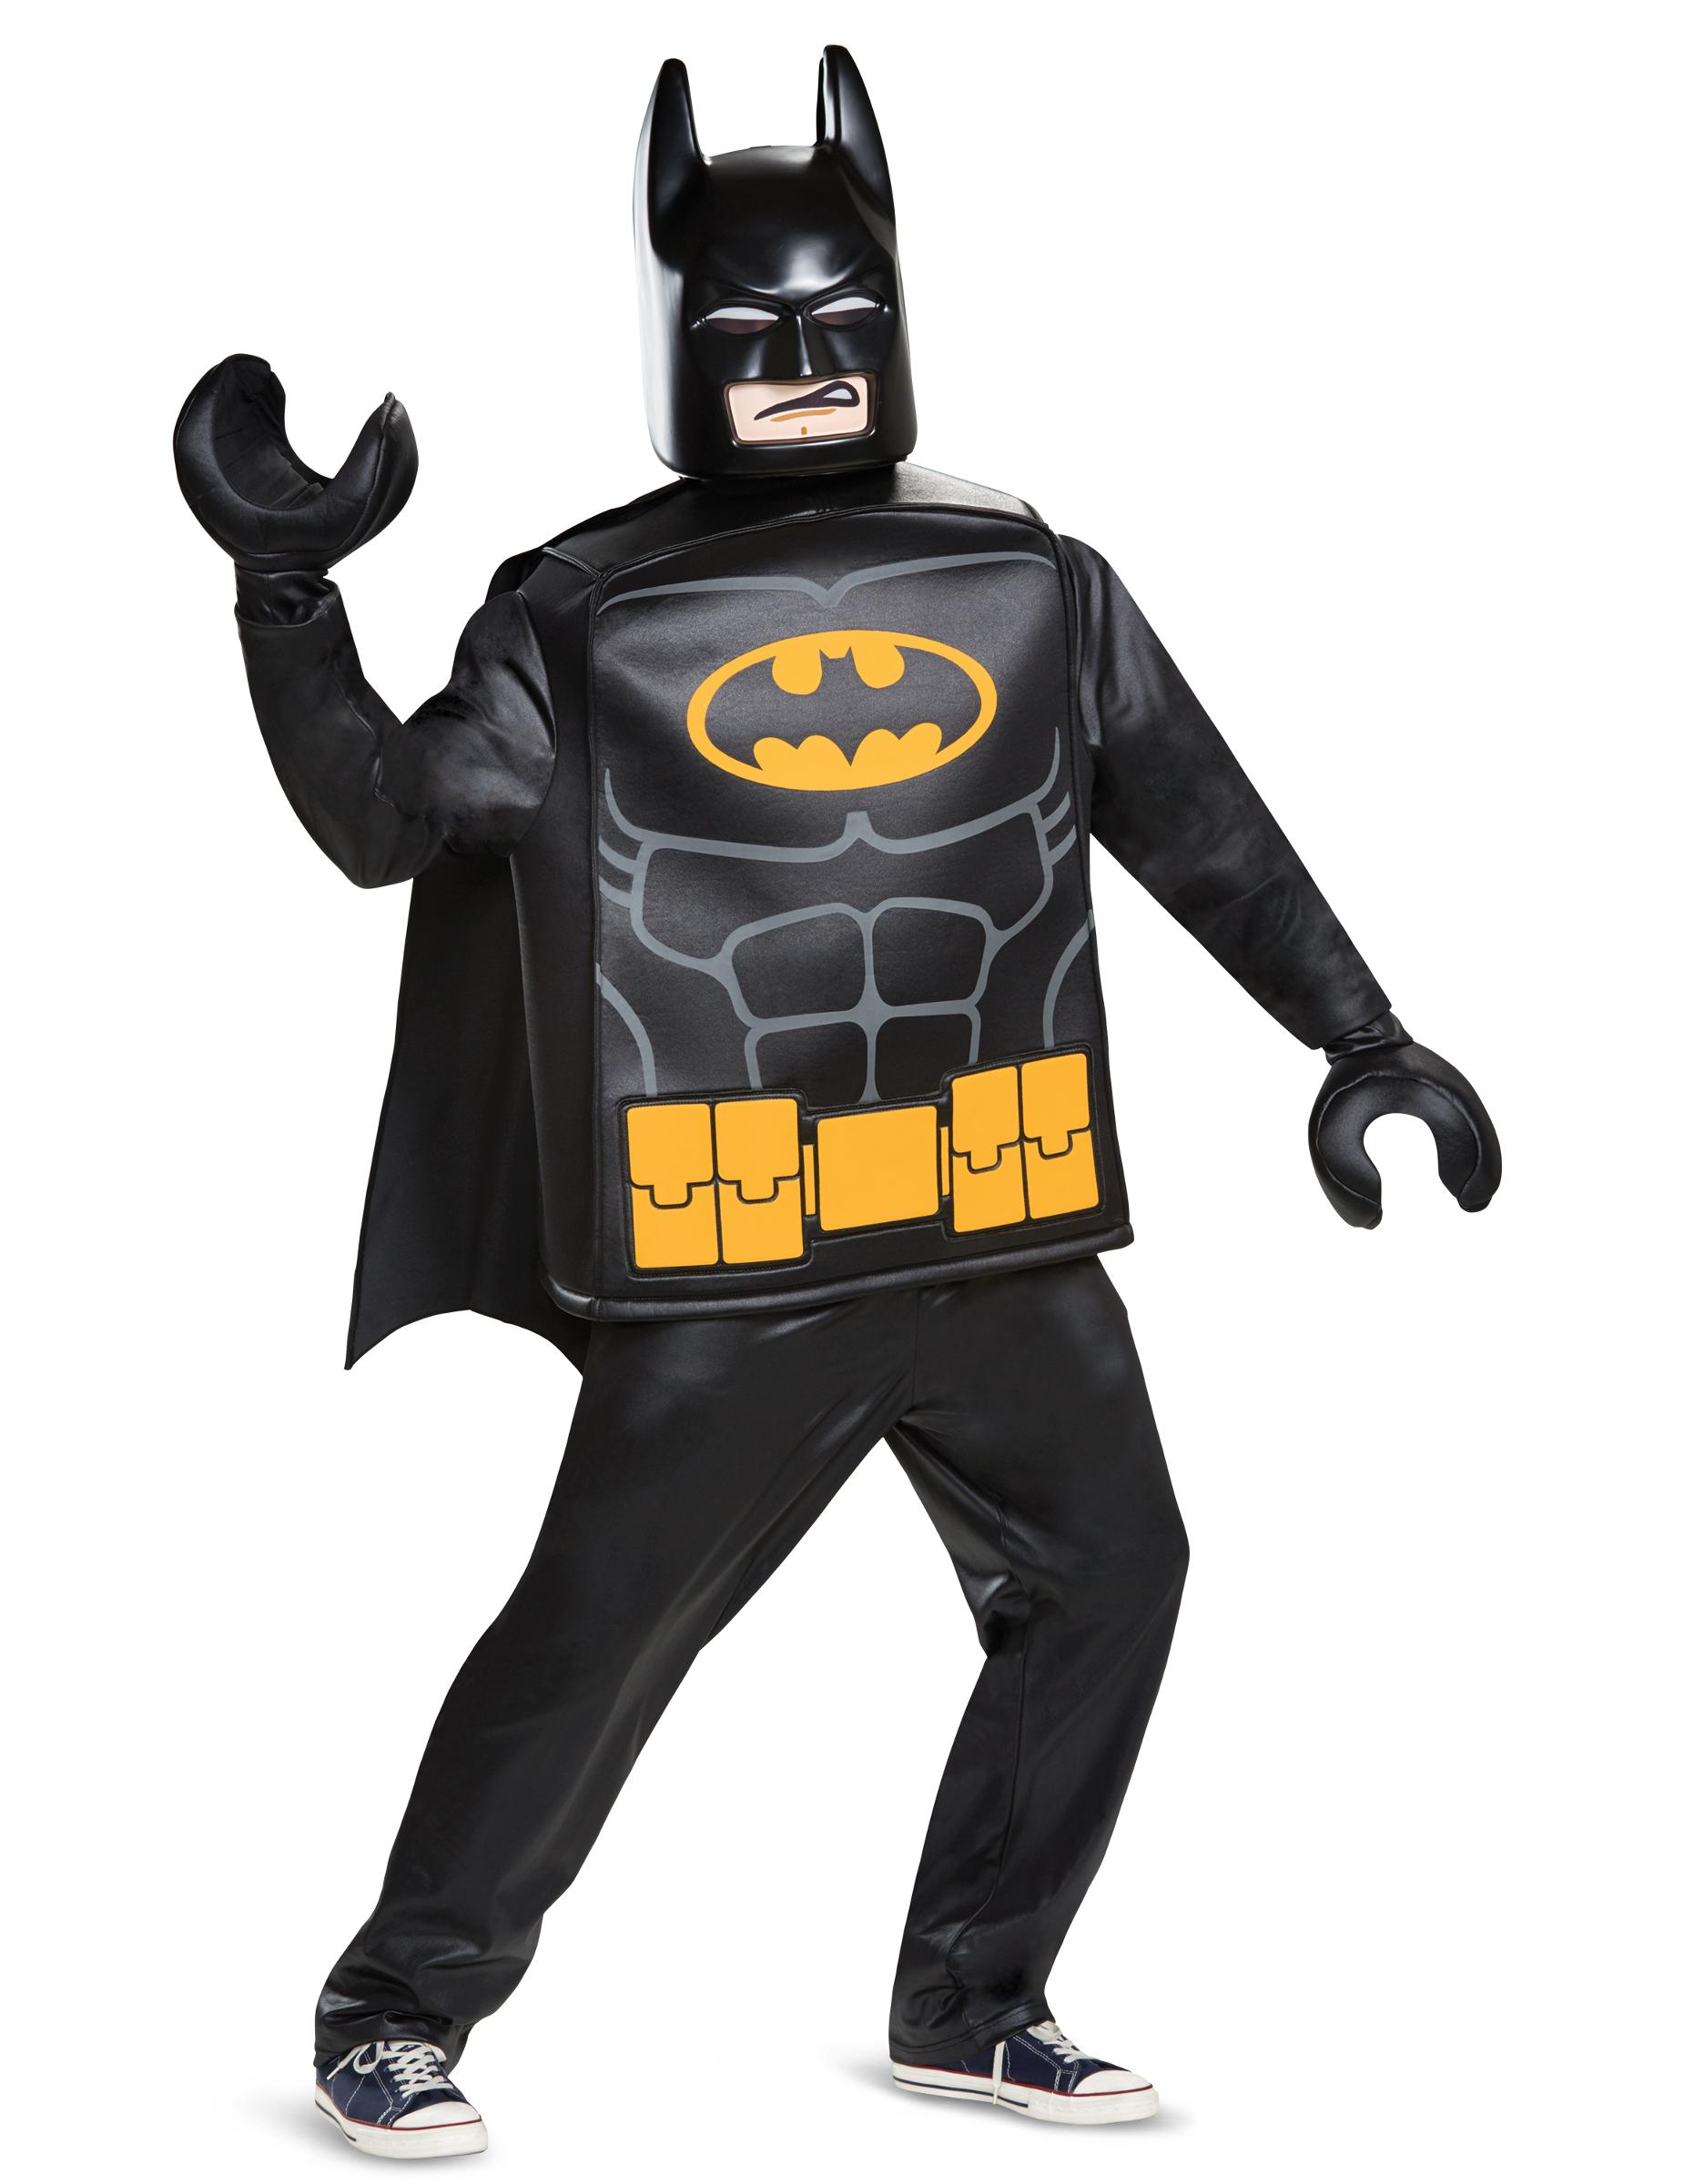 Deluxe Per e Adulti Adulto Vestiti Lego™ Costumi Batman™ Costume Da wtaxIx